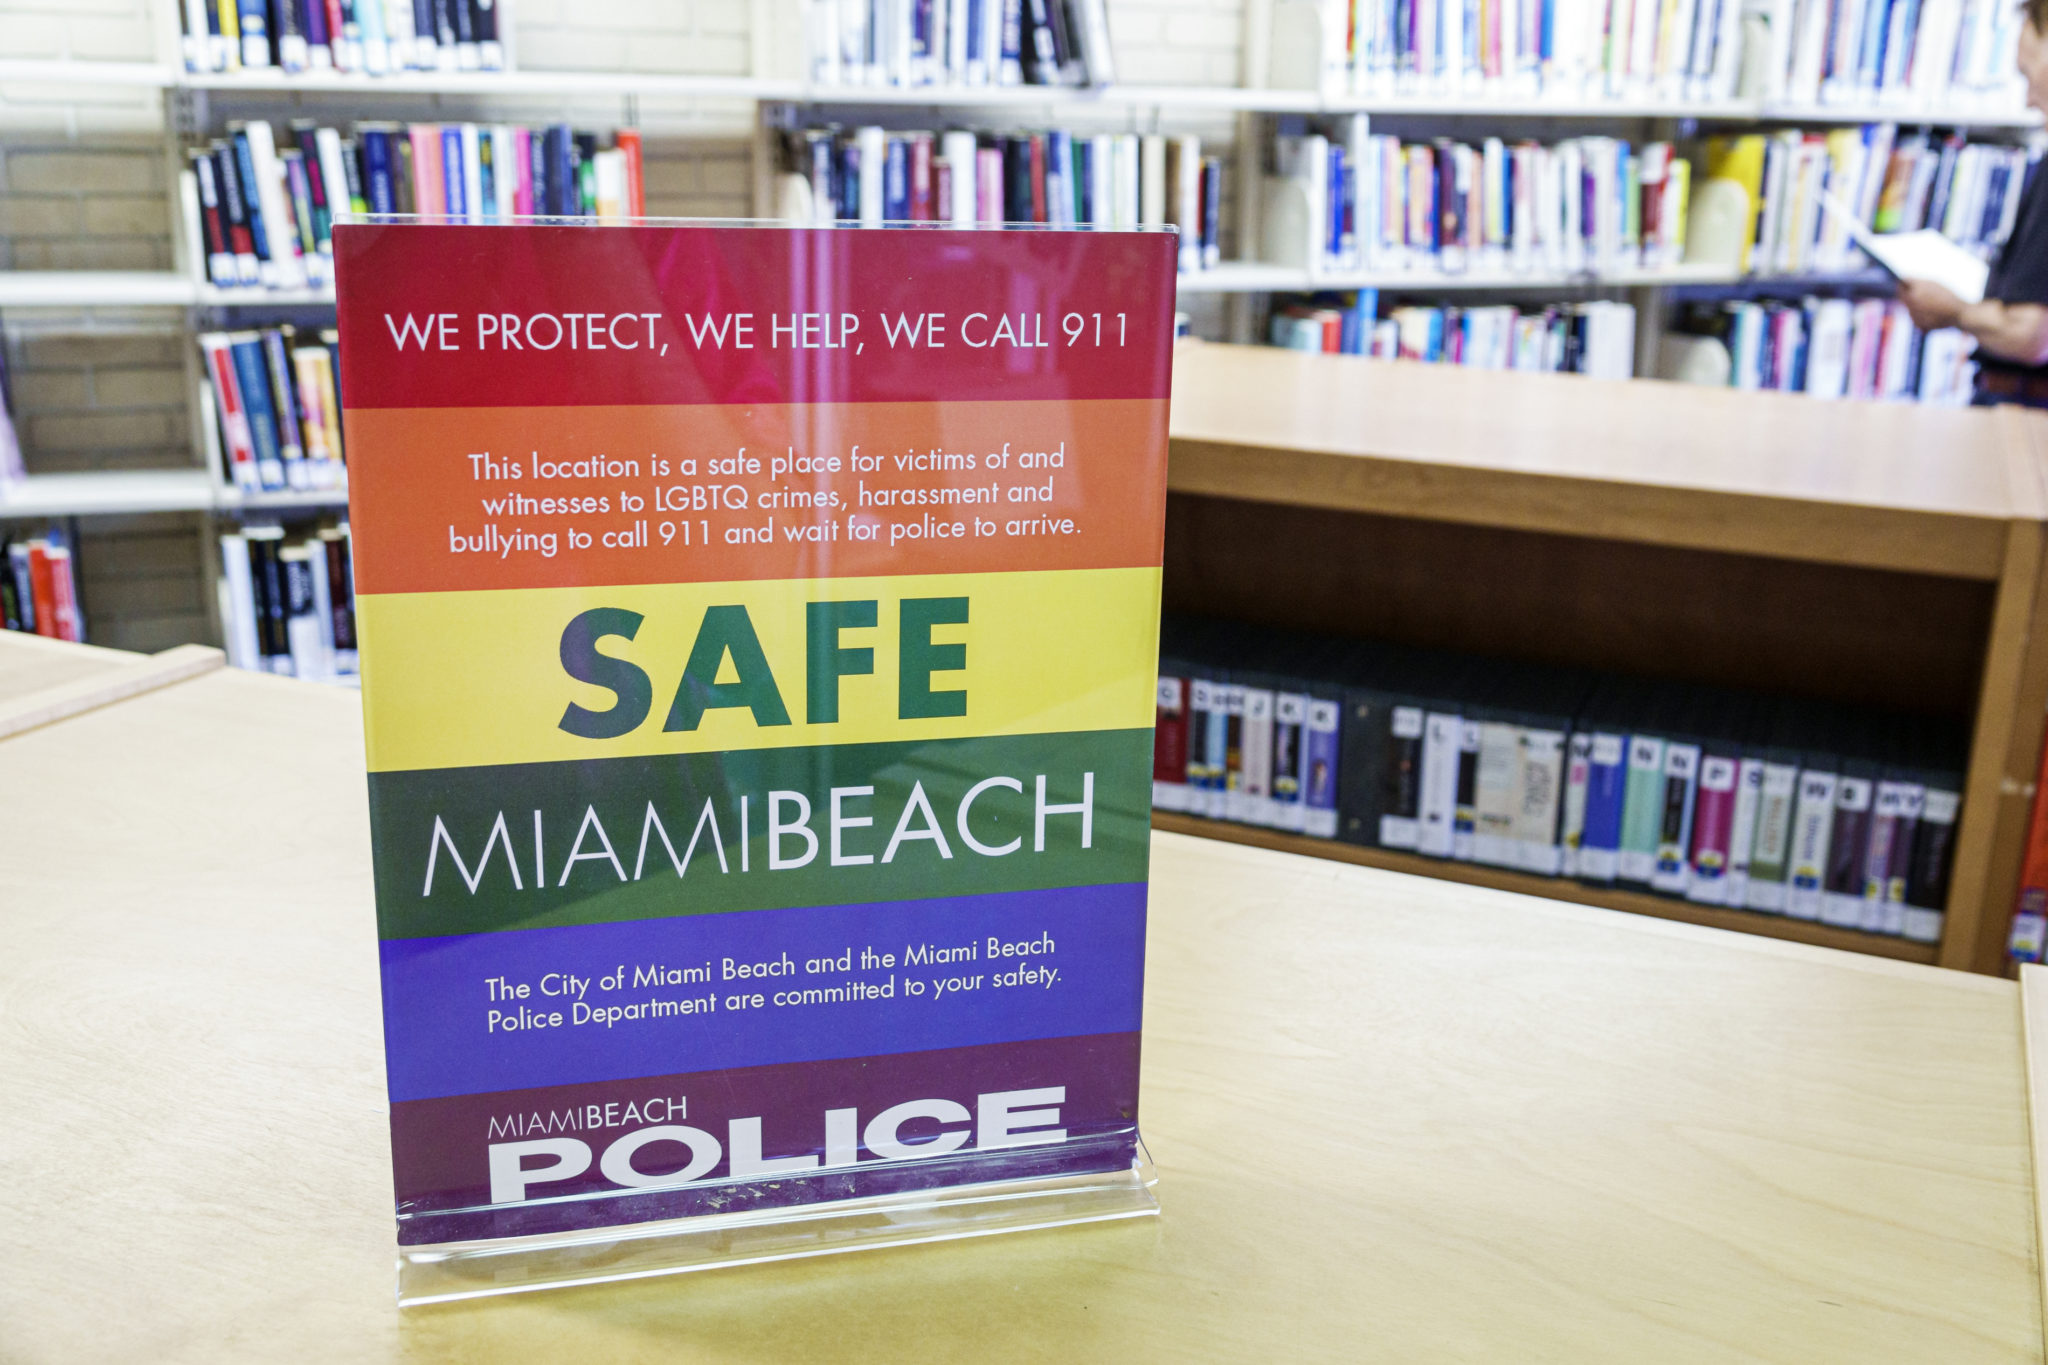 Les services de police enregistrent et communiquent différemment les données sur les crimes de haine anti-LGBT +